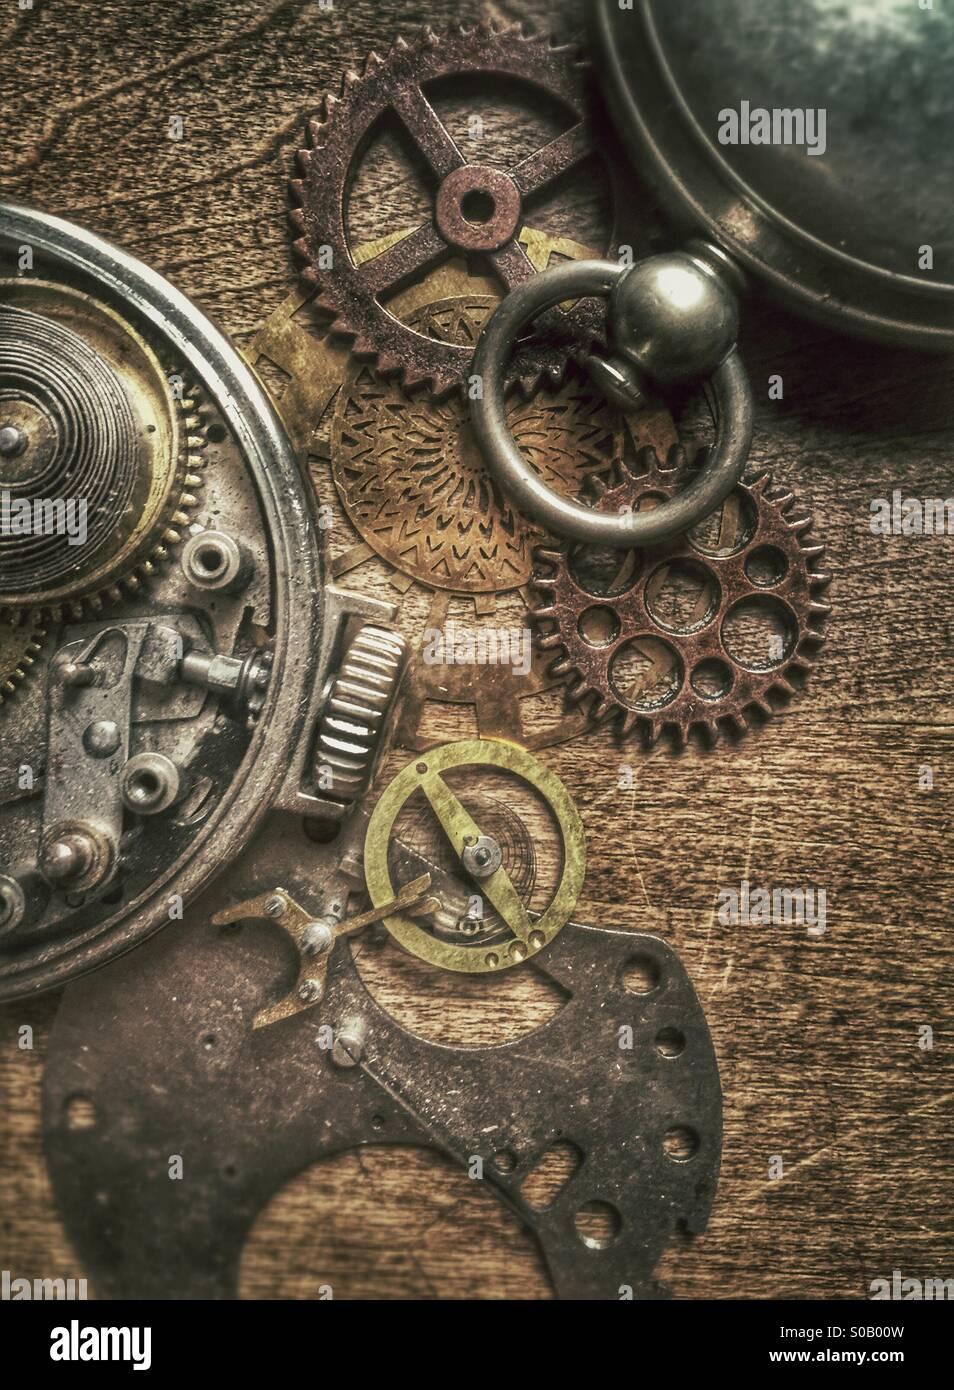 Alte Taschenuhren und Teile. Stockbild